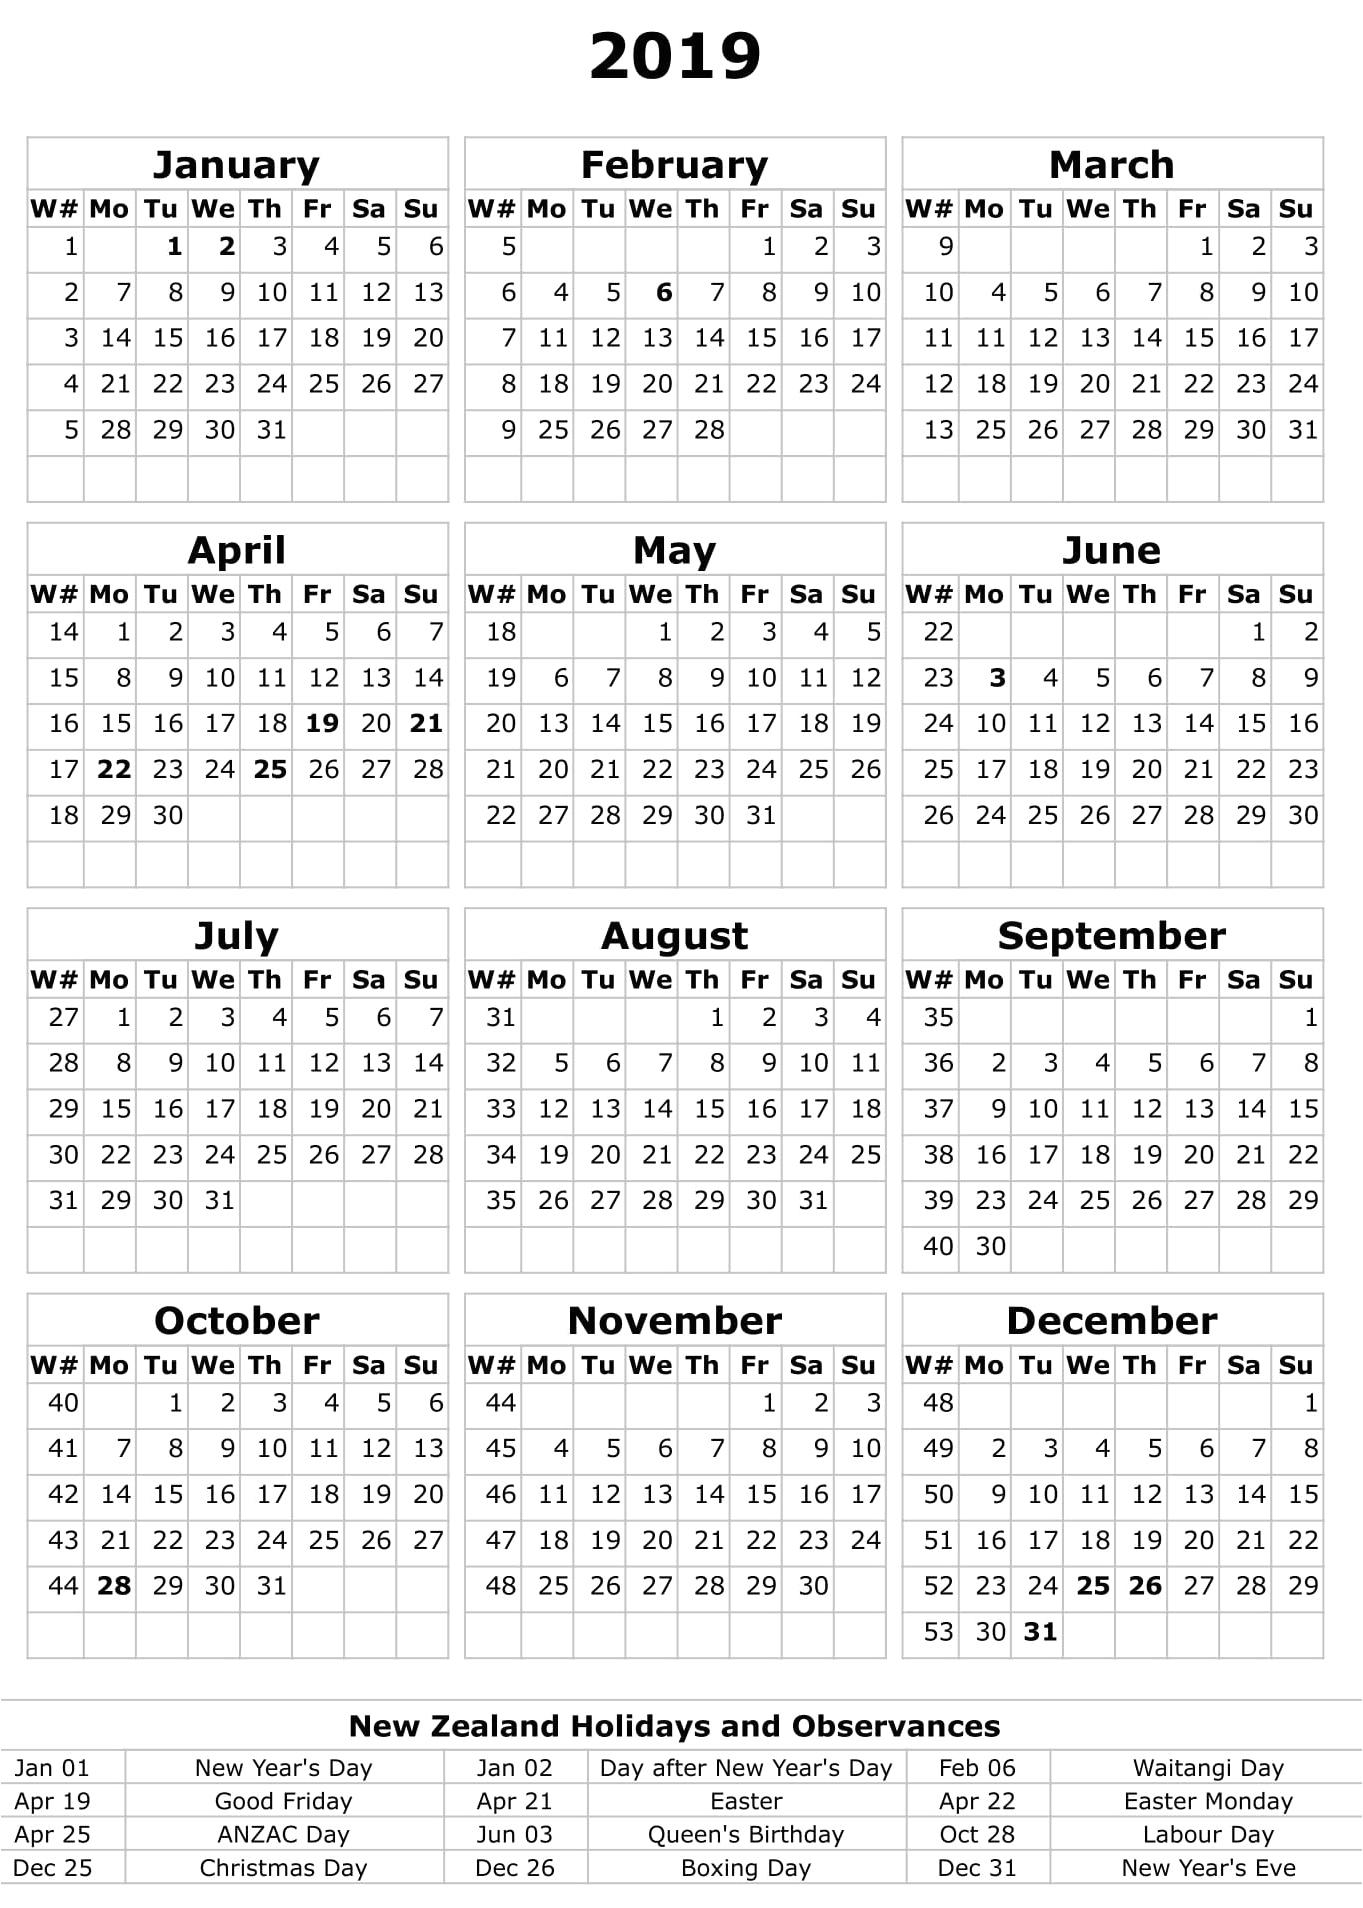 Calendar 2020 Printable With Holidays Nz - Elephant Calendar 2019